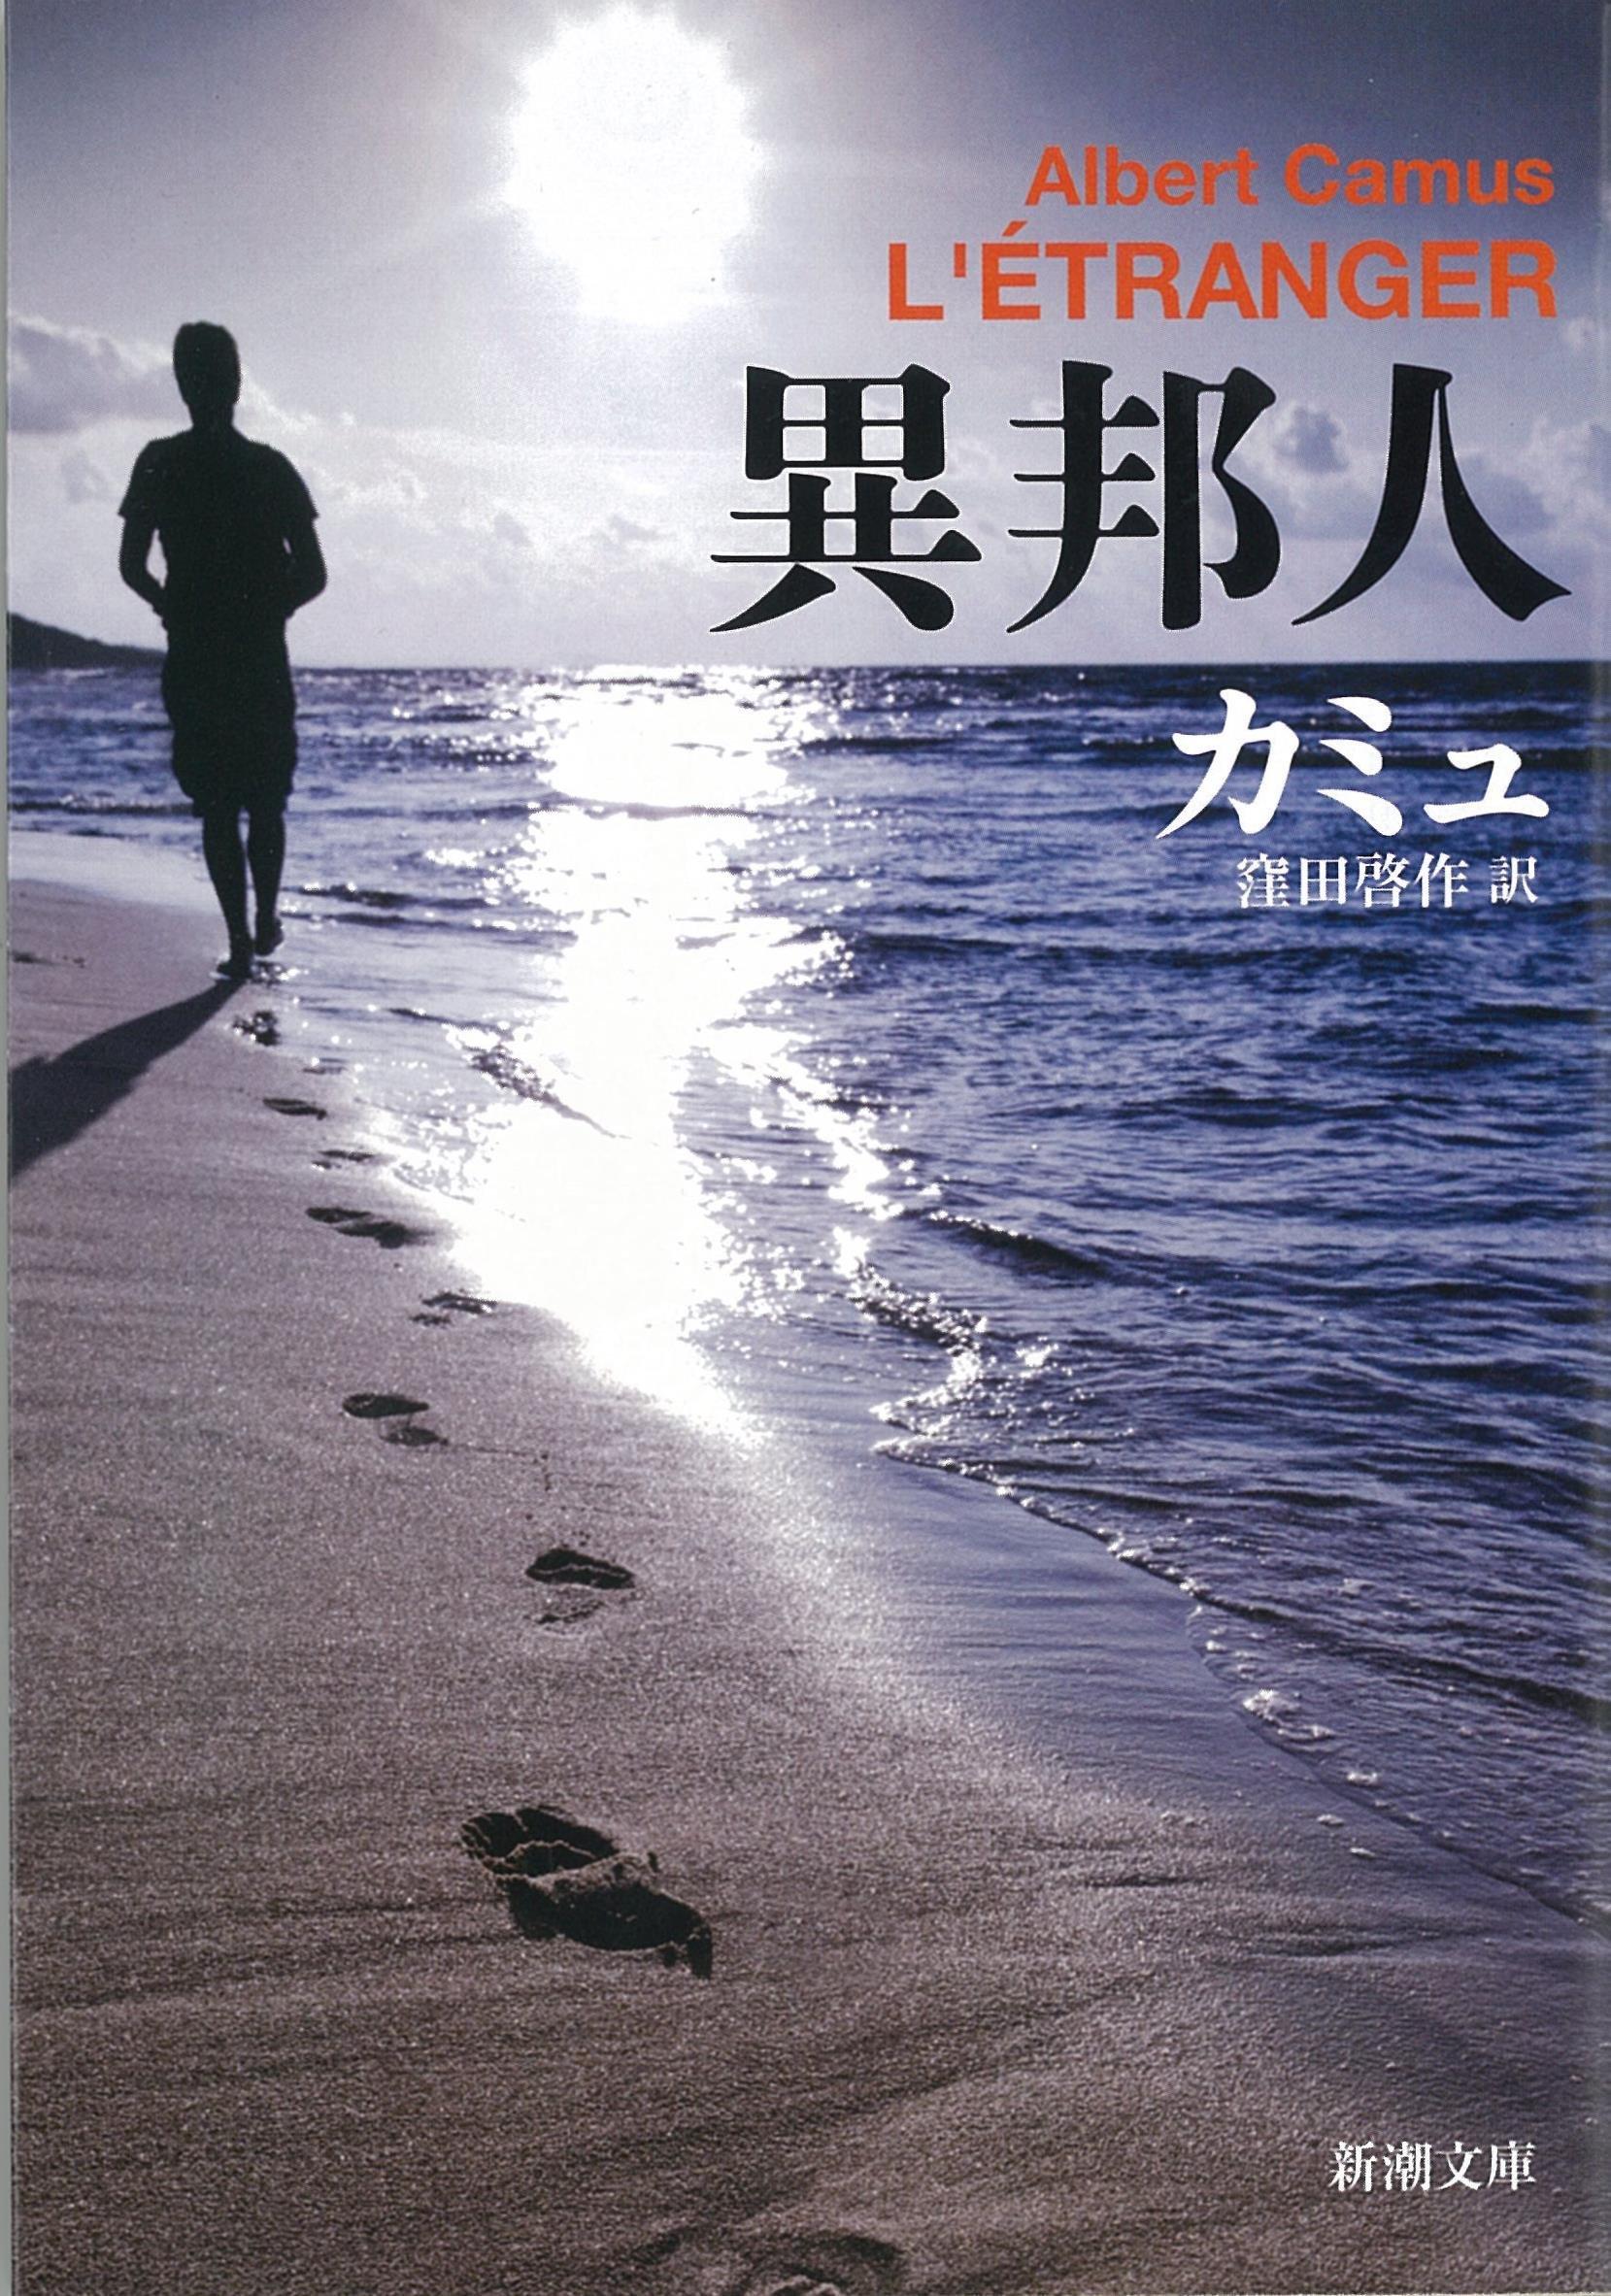 カミュ(1963)『異邦人』新潮文庫